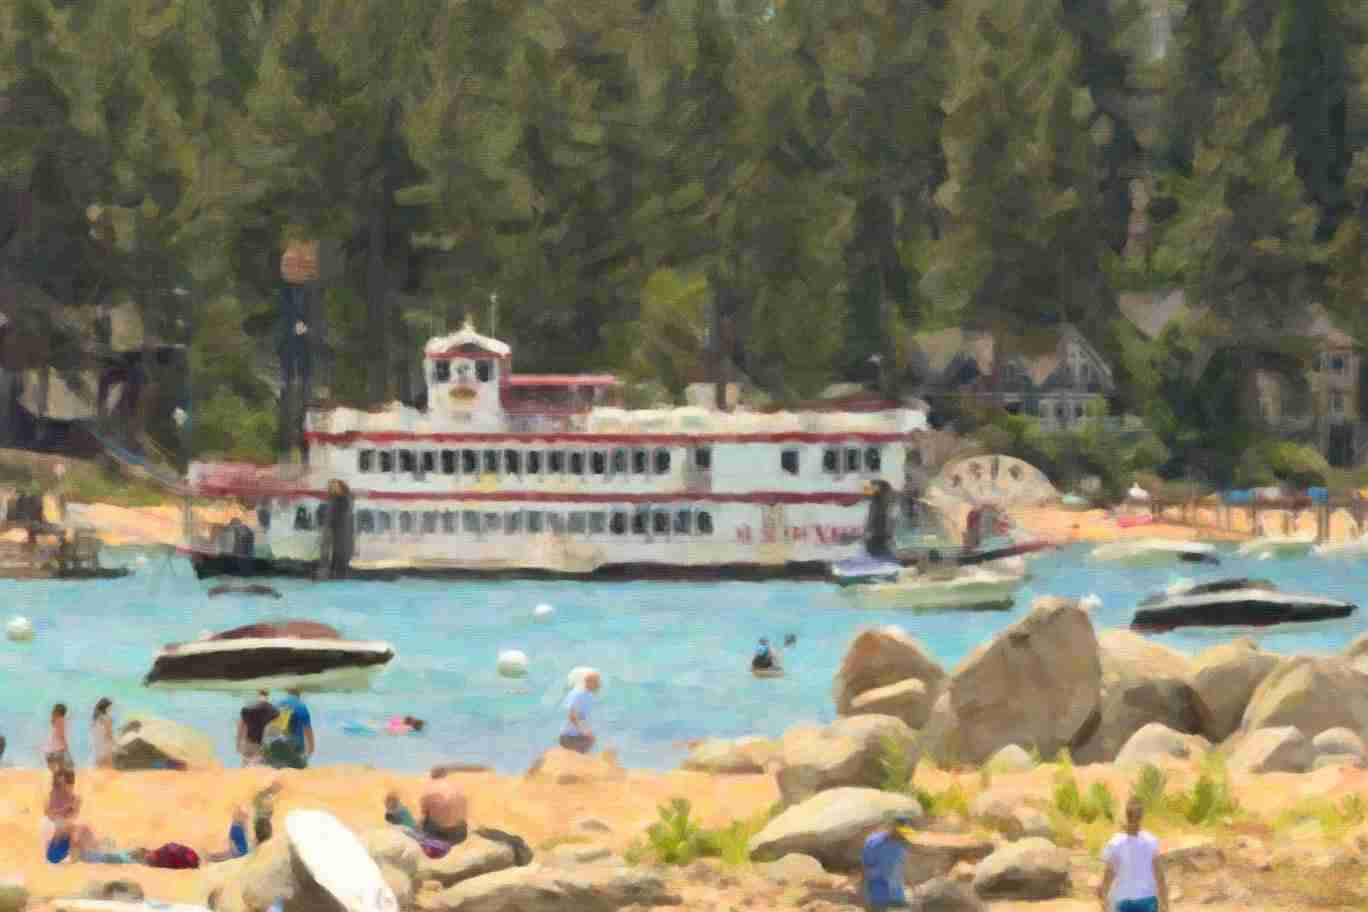 Print of a Summer Day at Lake Tahoe